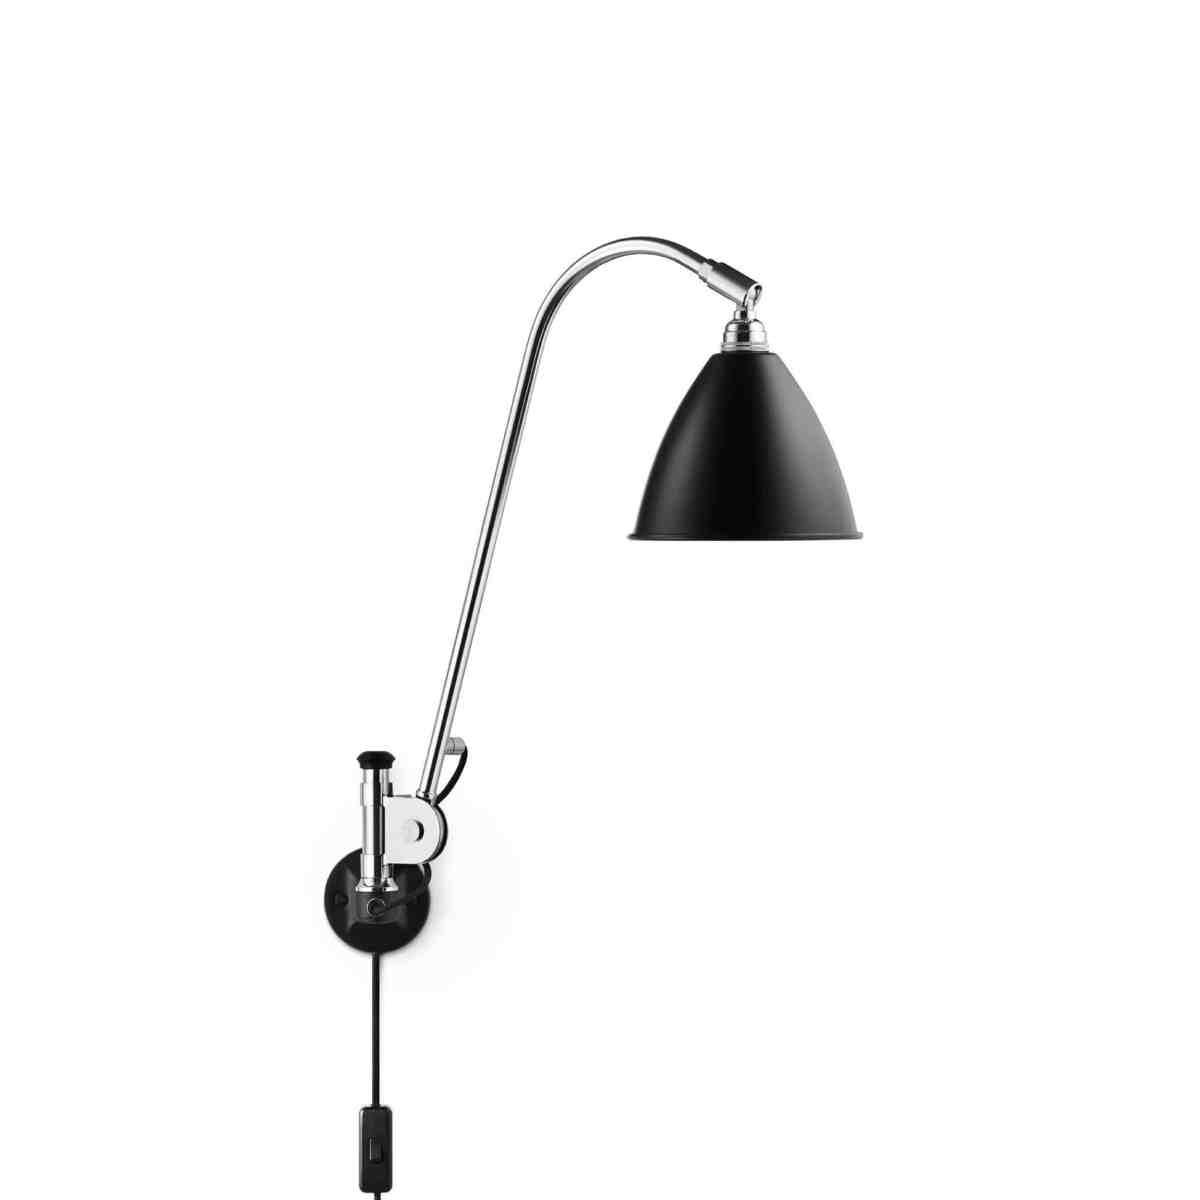 gubi-bestlite-wall-lamp-BL6-black-chrome-01